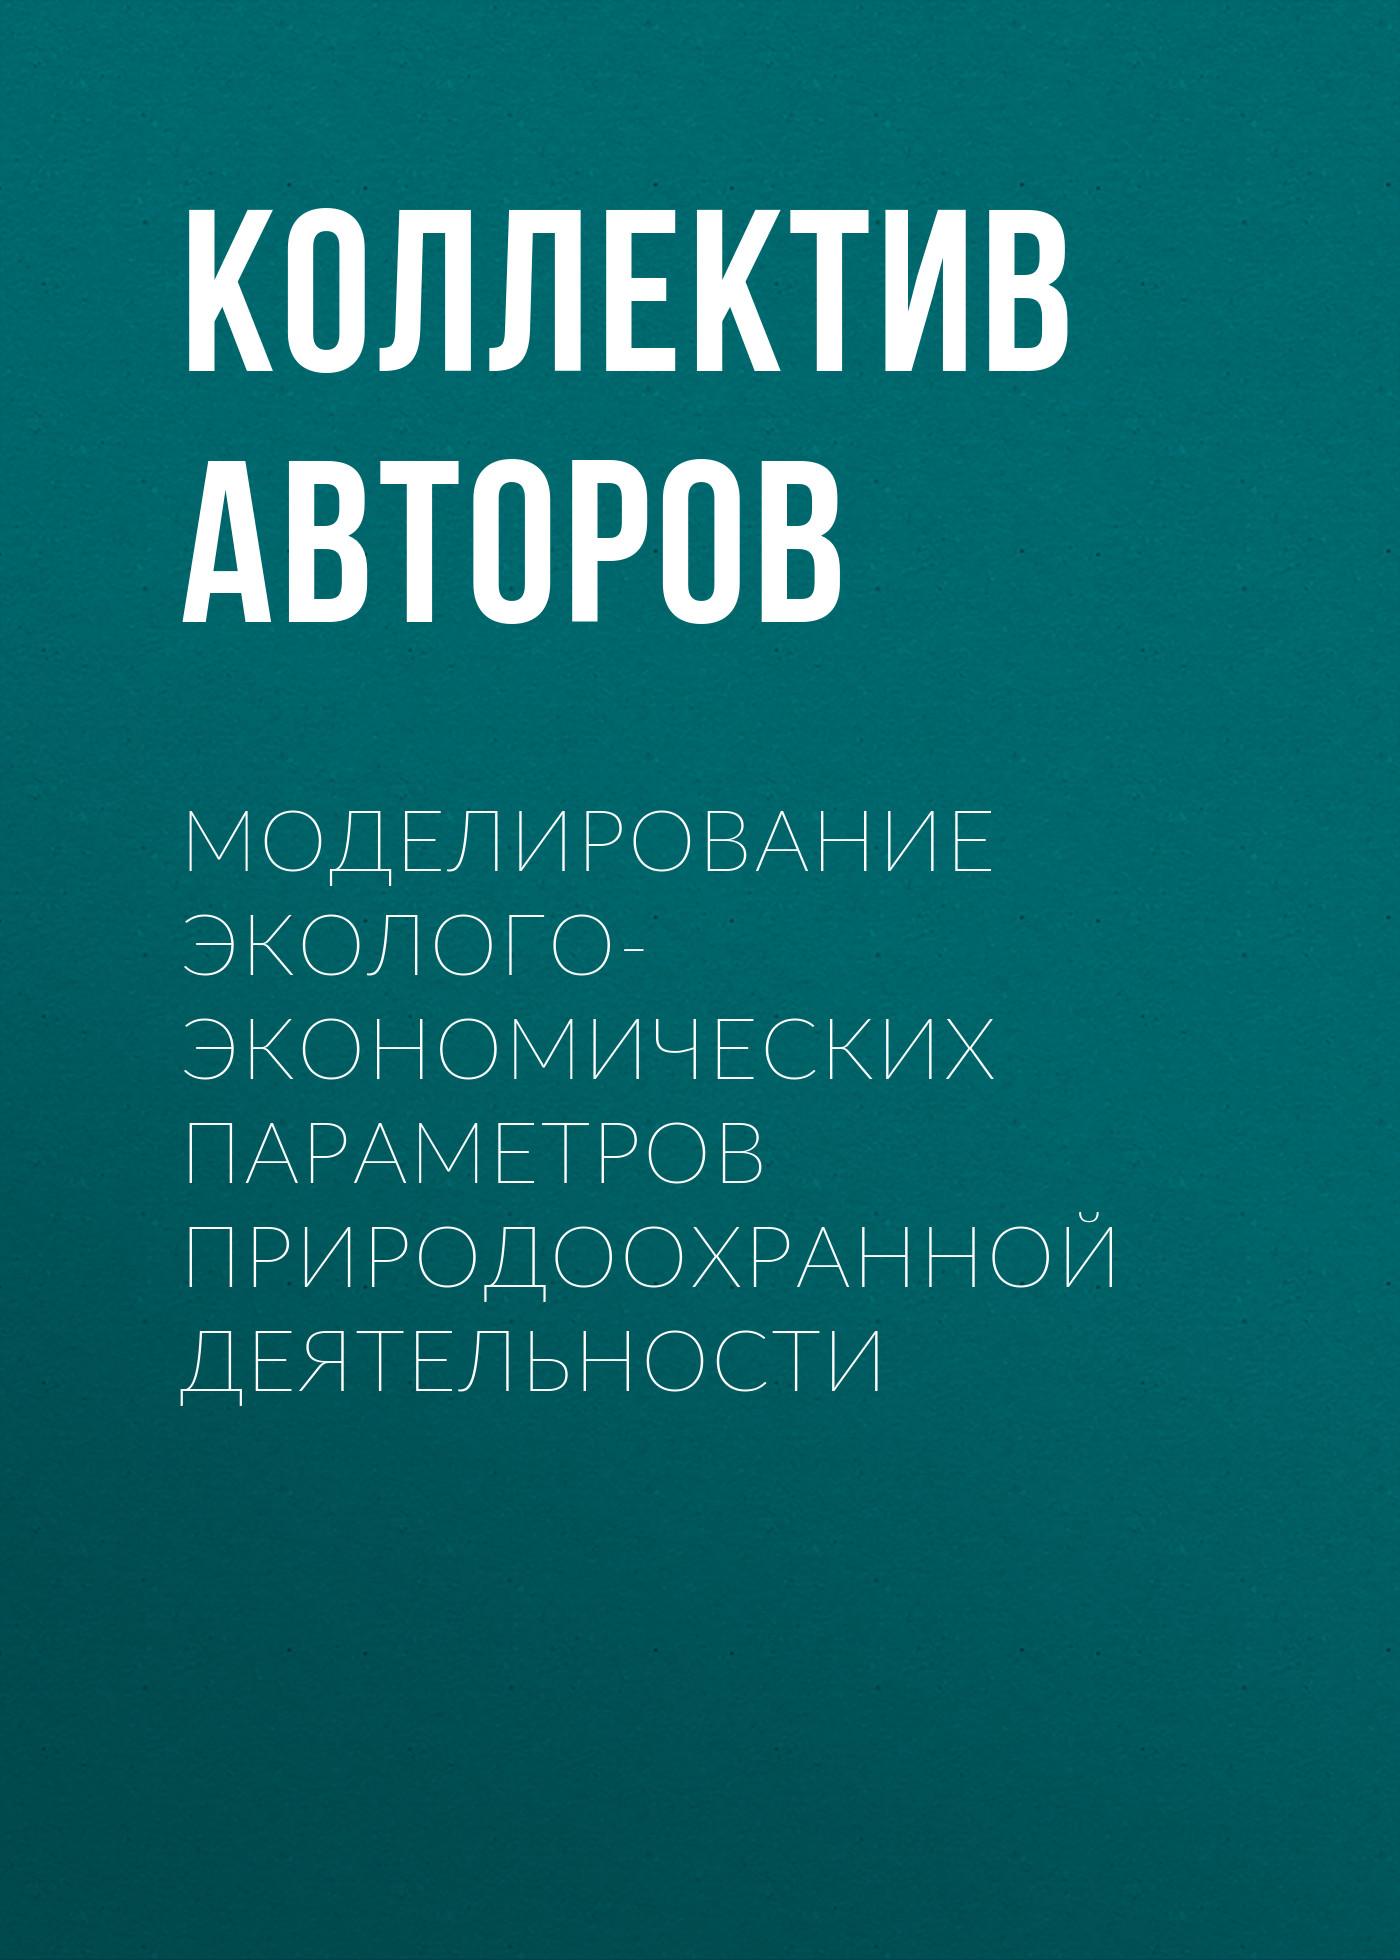 Коллектив авторов Моделирование эколого-экономических параметров природоохранной деятельности